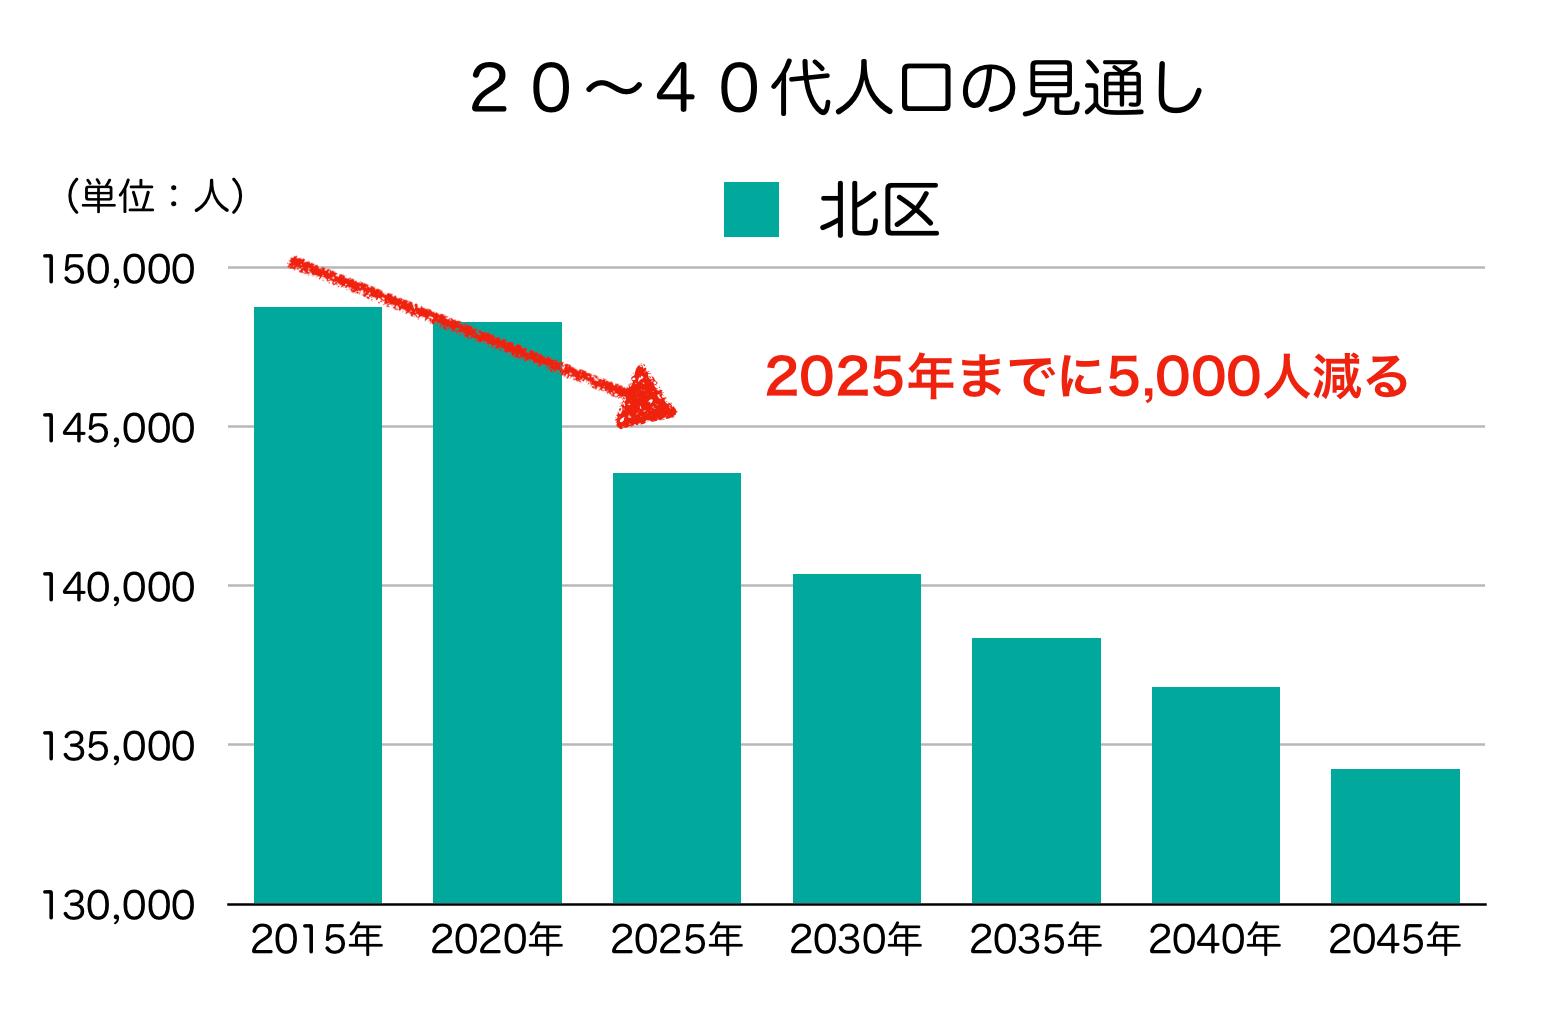 東京都北区の20〜40代人口の予測